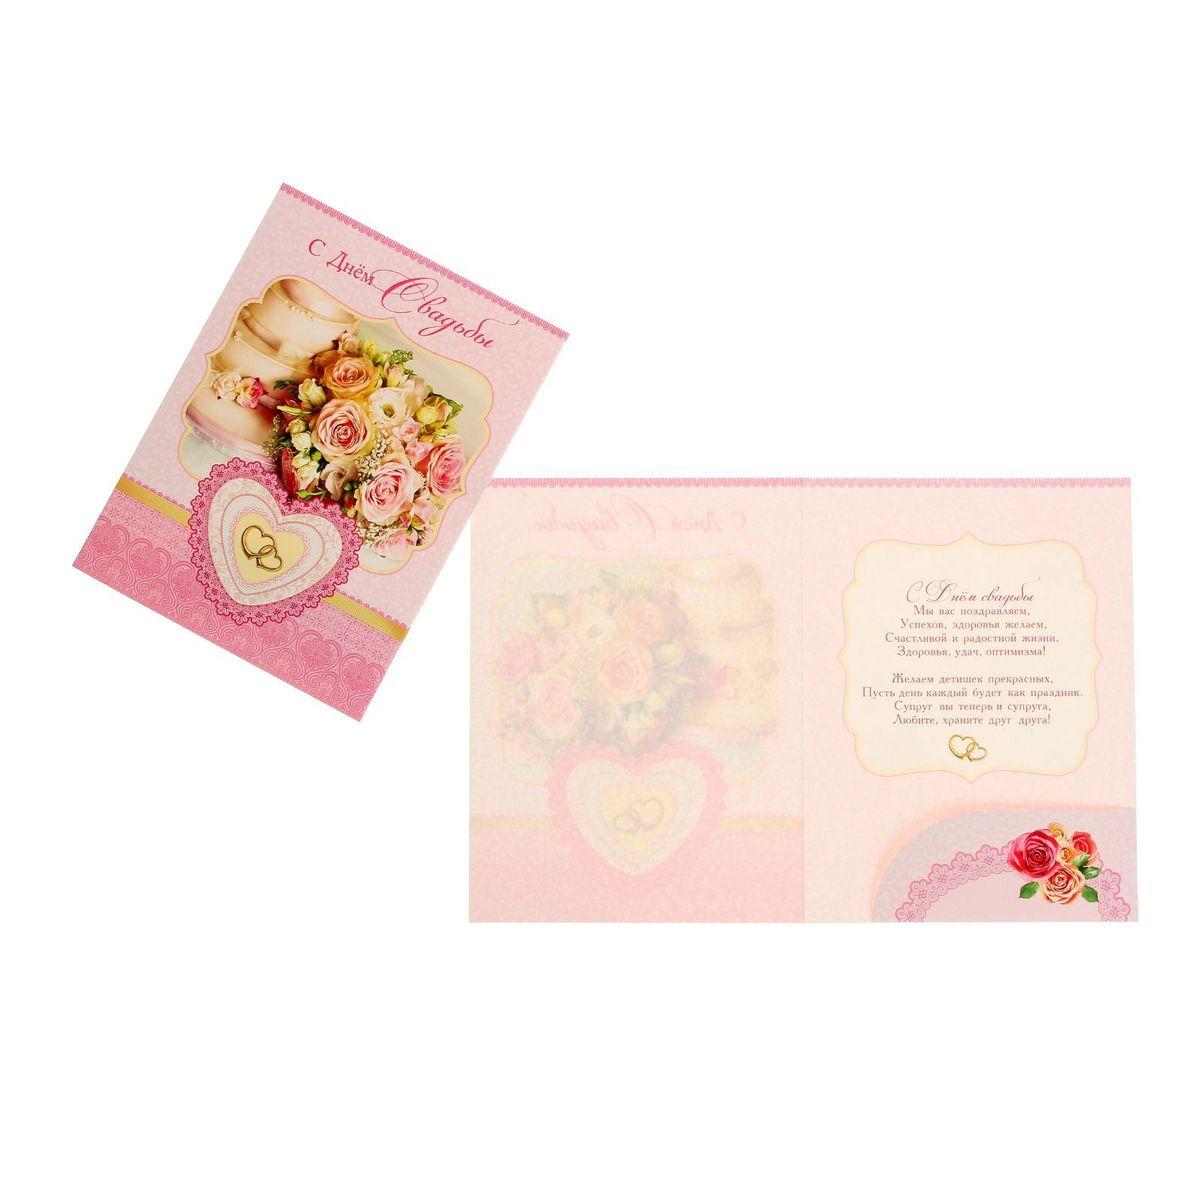 Открытка Миленд С днем свадьбы. Букет и розовое сердце1376625Если вы хотите порадовать себя или близких, создать праздничное настроение и с улыбкой провести памятный день, то вы, несомненно, сделали правильный выбор! Открытка Миленд С днем свадьбы. Букет и розовое сердце, выполненная из плотной бумаги, отличается не только оригинальным дизайном, но и высоким качеством. Лицевая сторона изделия оформлена ярким изображением. Внутри открытка содержит текст с поздравлением. Такая открытка непременно порадует получателя и станет отличным напоминанием о проведенном вместе времени.